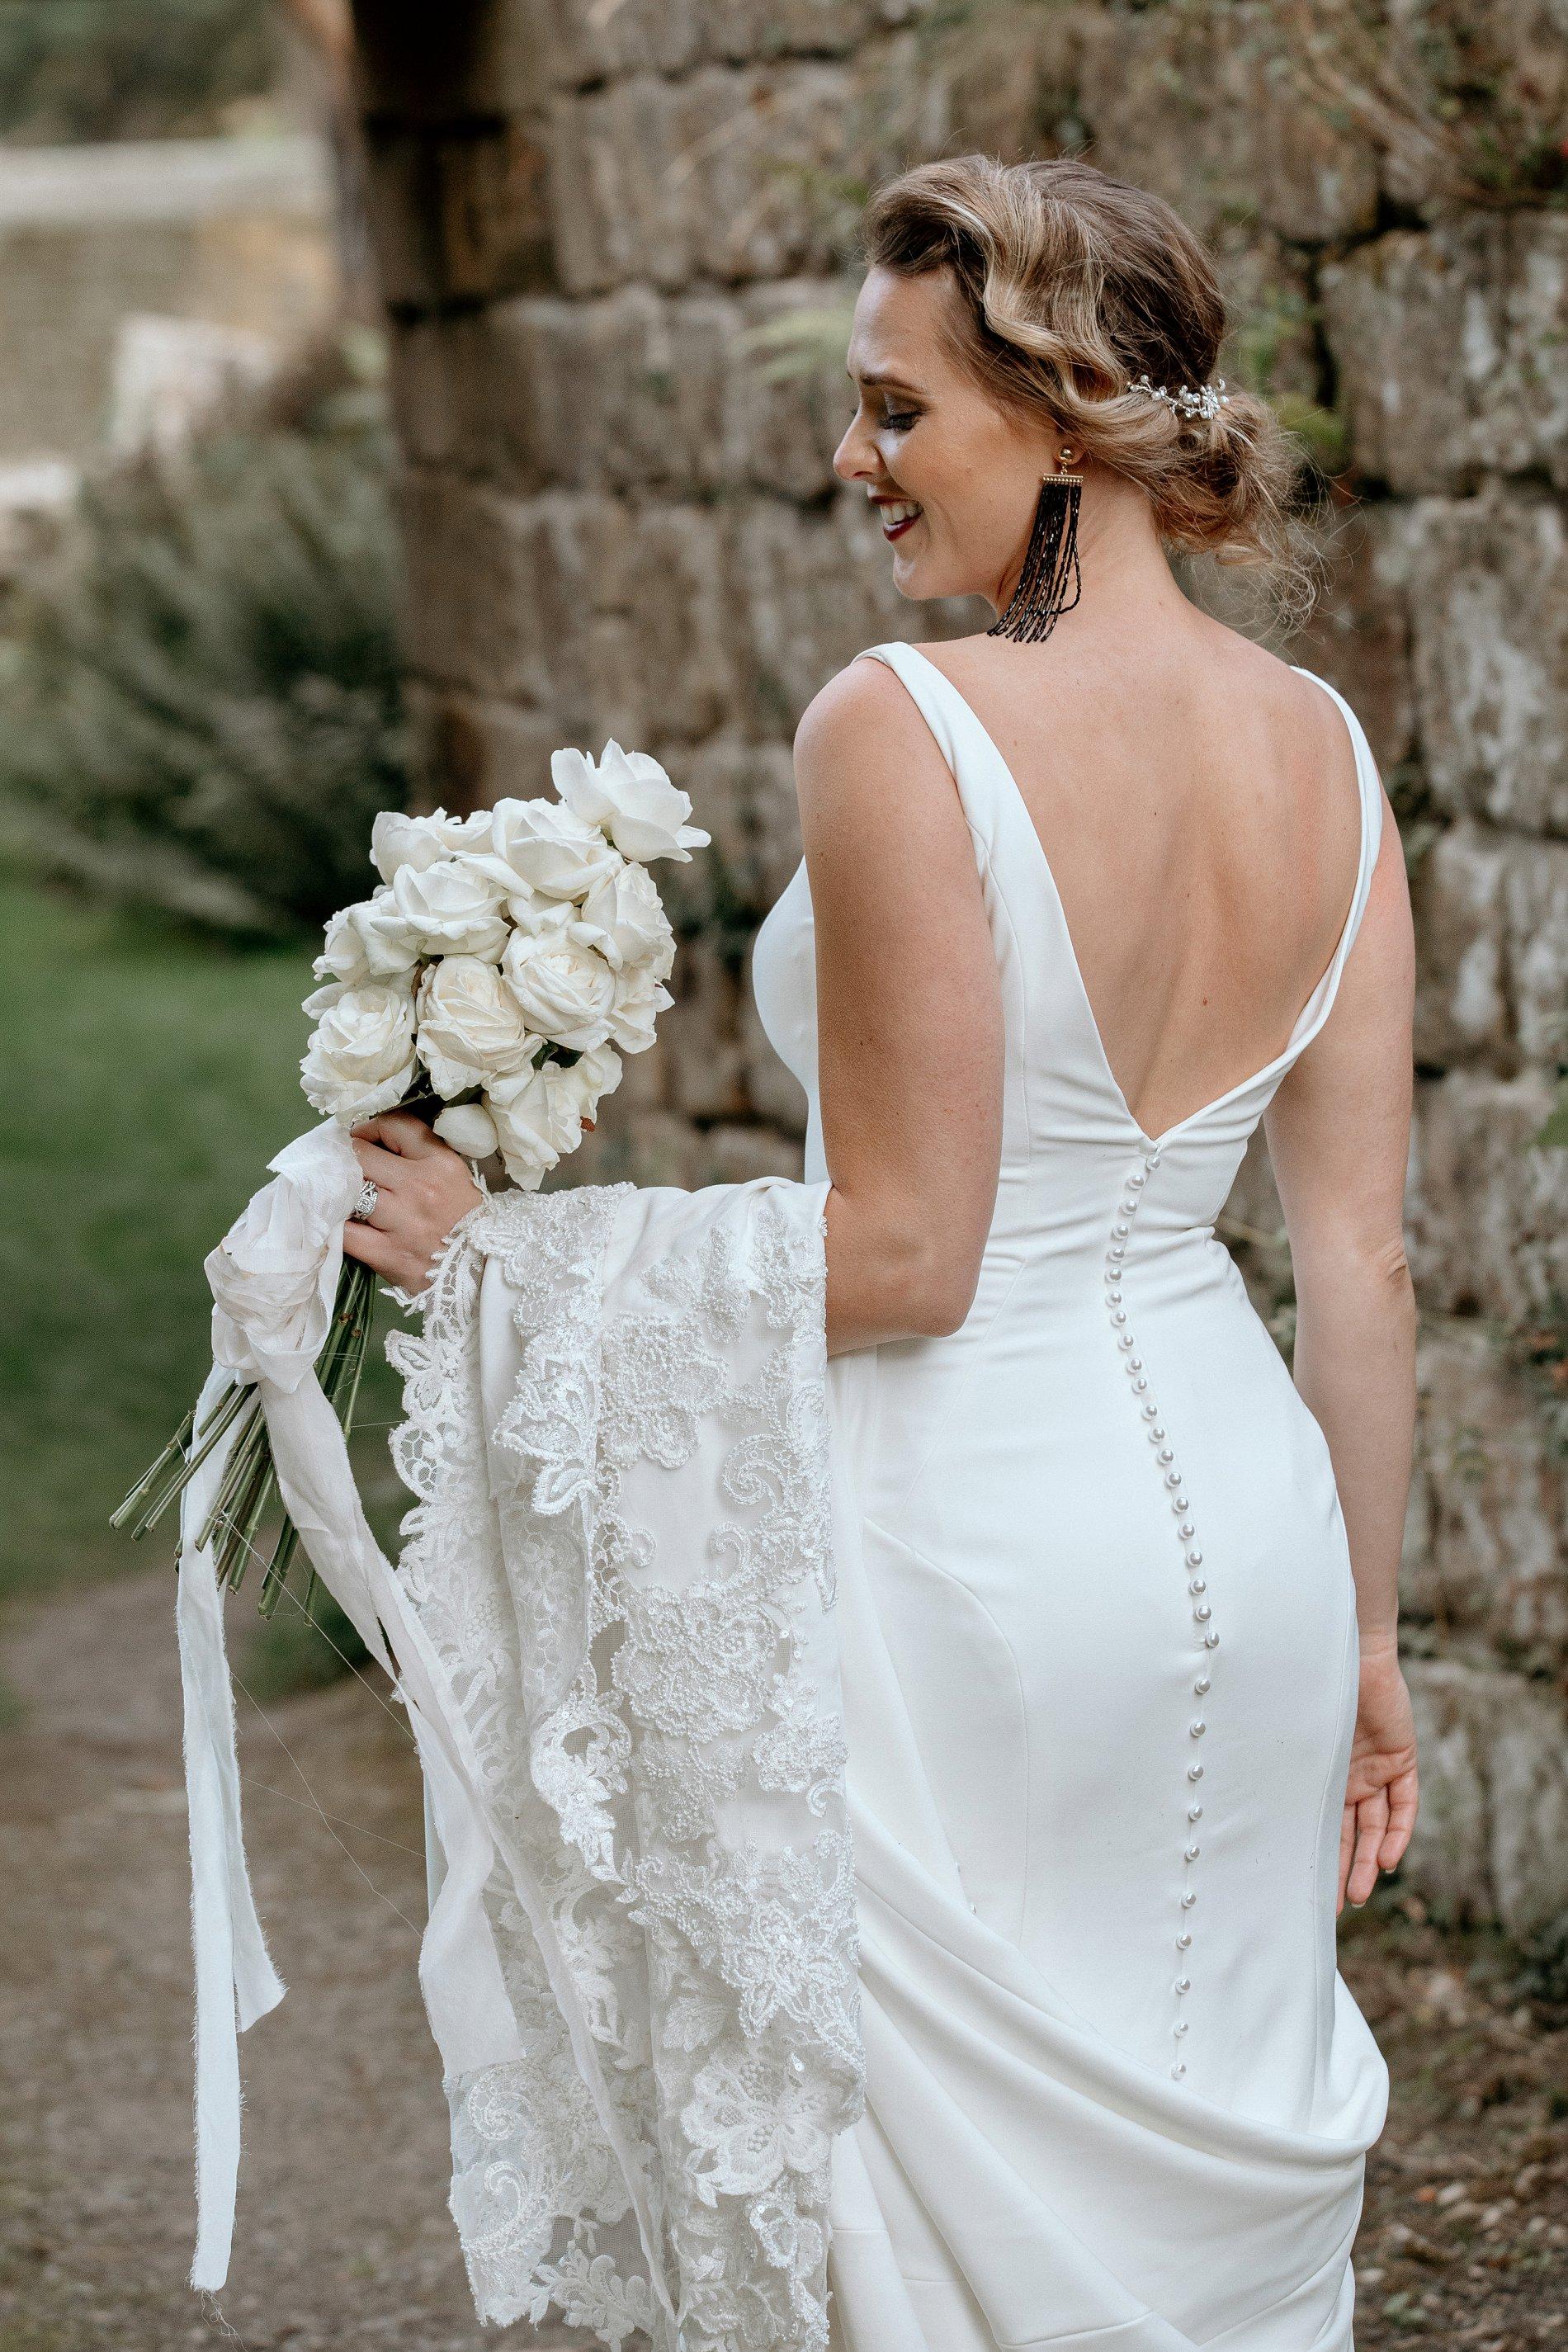 An Elegant Wedding Shoot at Jervaulx Abbey (c) Natalie Hamilton Photography (79)